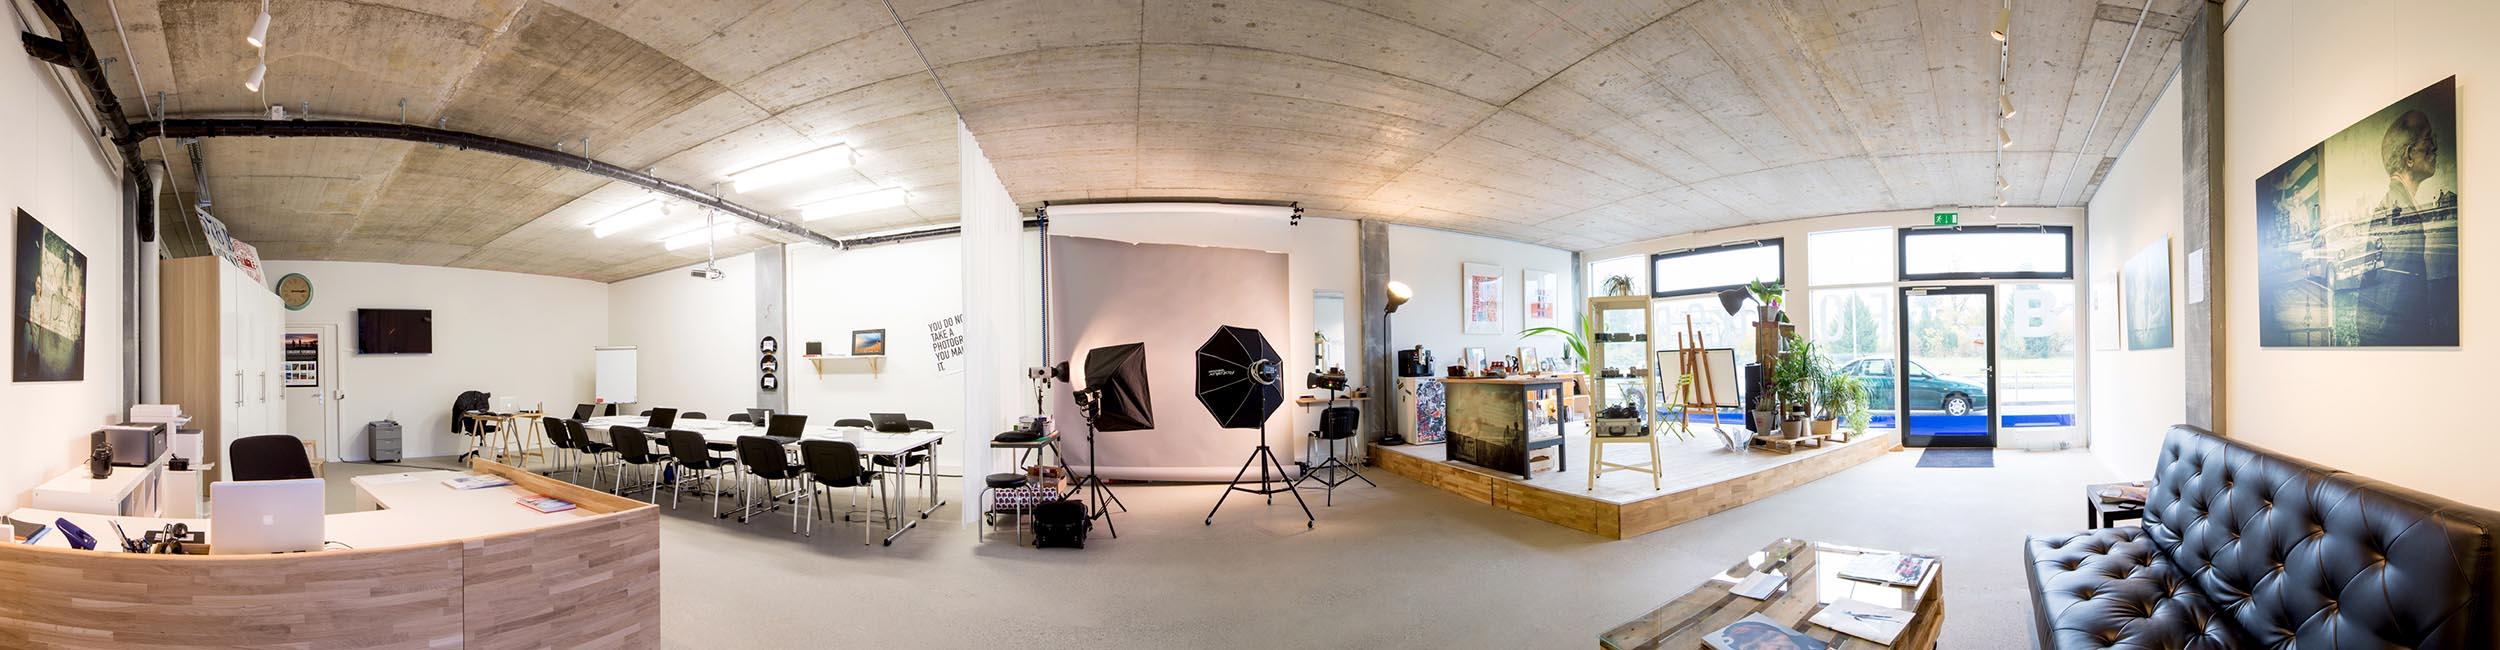 Fotoschule.jpg